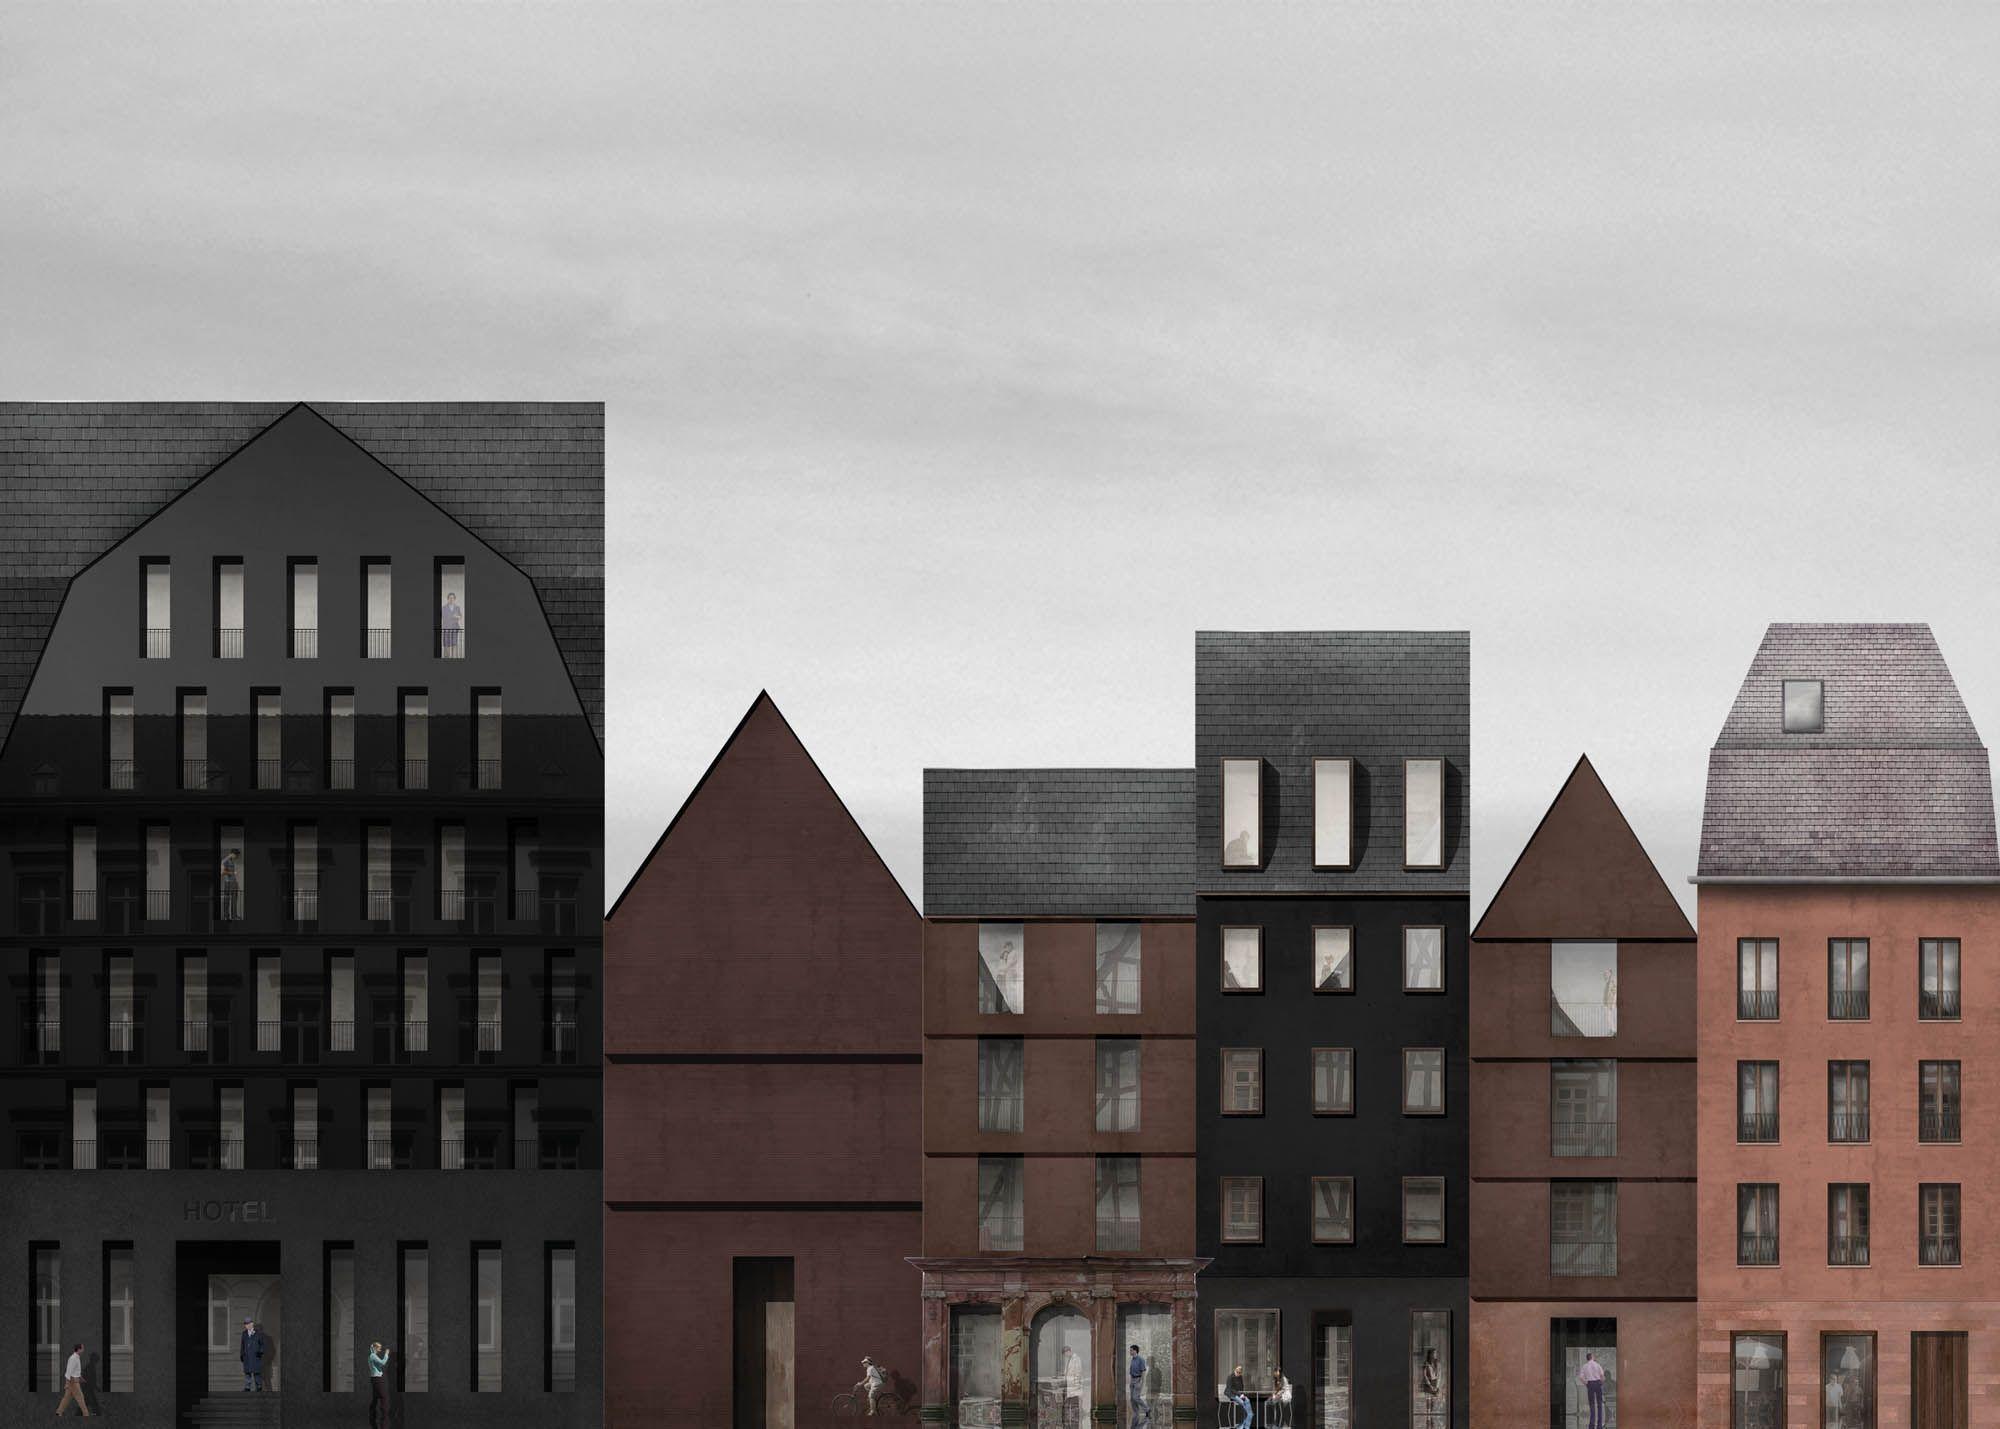 Fassaden, Entwurf, Planer Ideen, Architektur Visualisierung, Reihenhaus,  Stadthaus, Grafiken, Altstadt, Skizzen